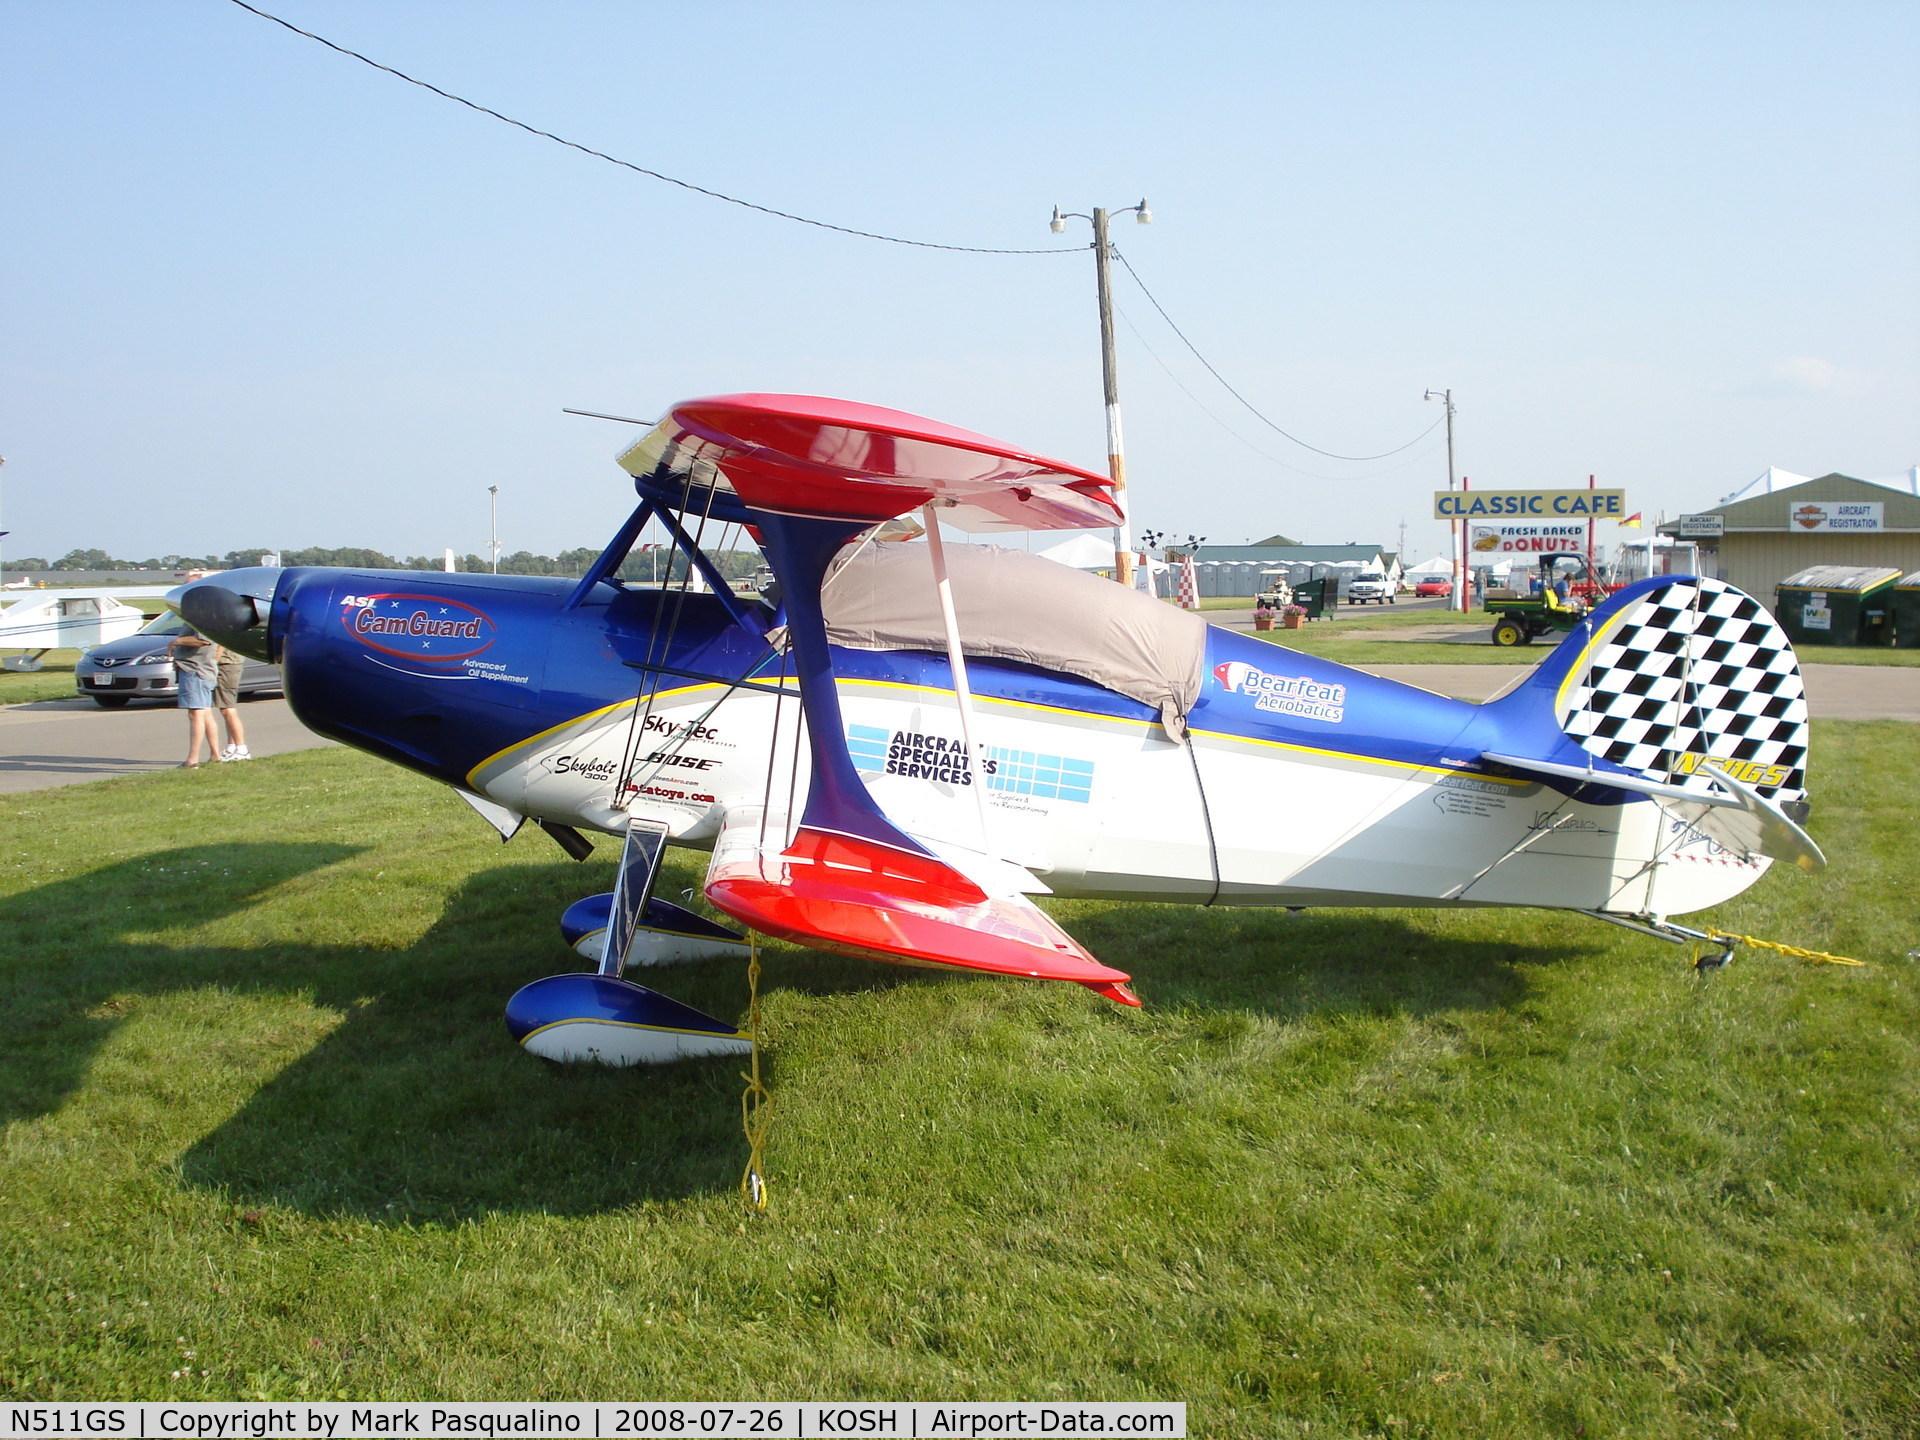 N511GS, 1993 Steen Skybolt 300 C/N HR30091001, Skybolt 300